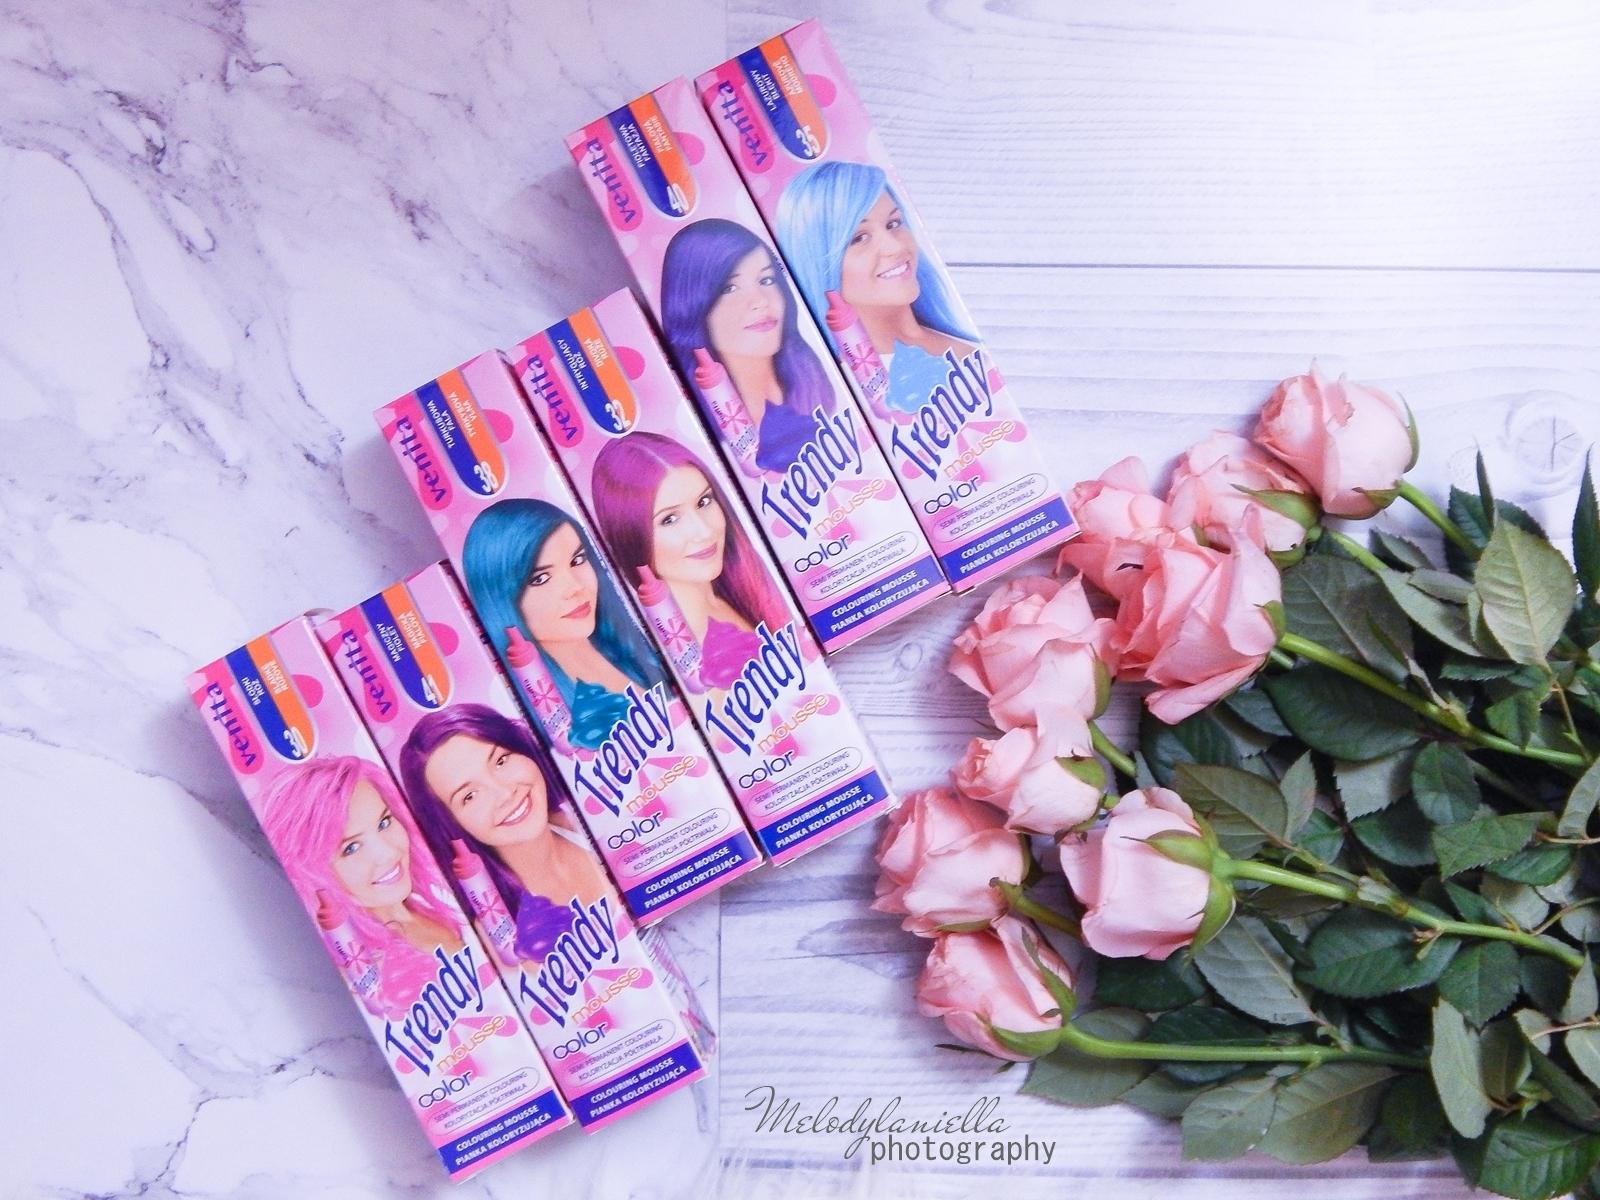 6 venita trendy cream ultra farba recenzja opinie trendy pastel mousse color ombre na czarnych ciemnych włosach fryzury ombte fryzury do szkoły srebrne włosy różowe włosy niebieskie włosy zmywalne ombre półtrwałe